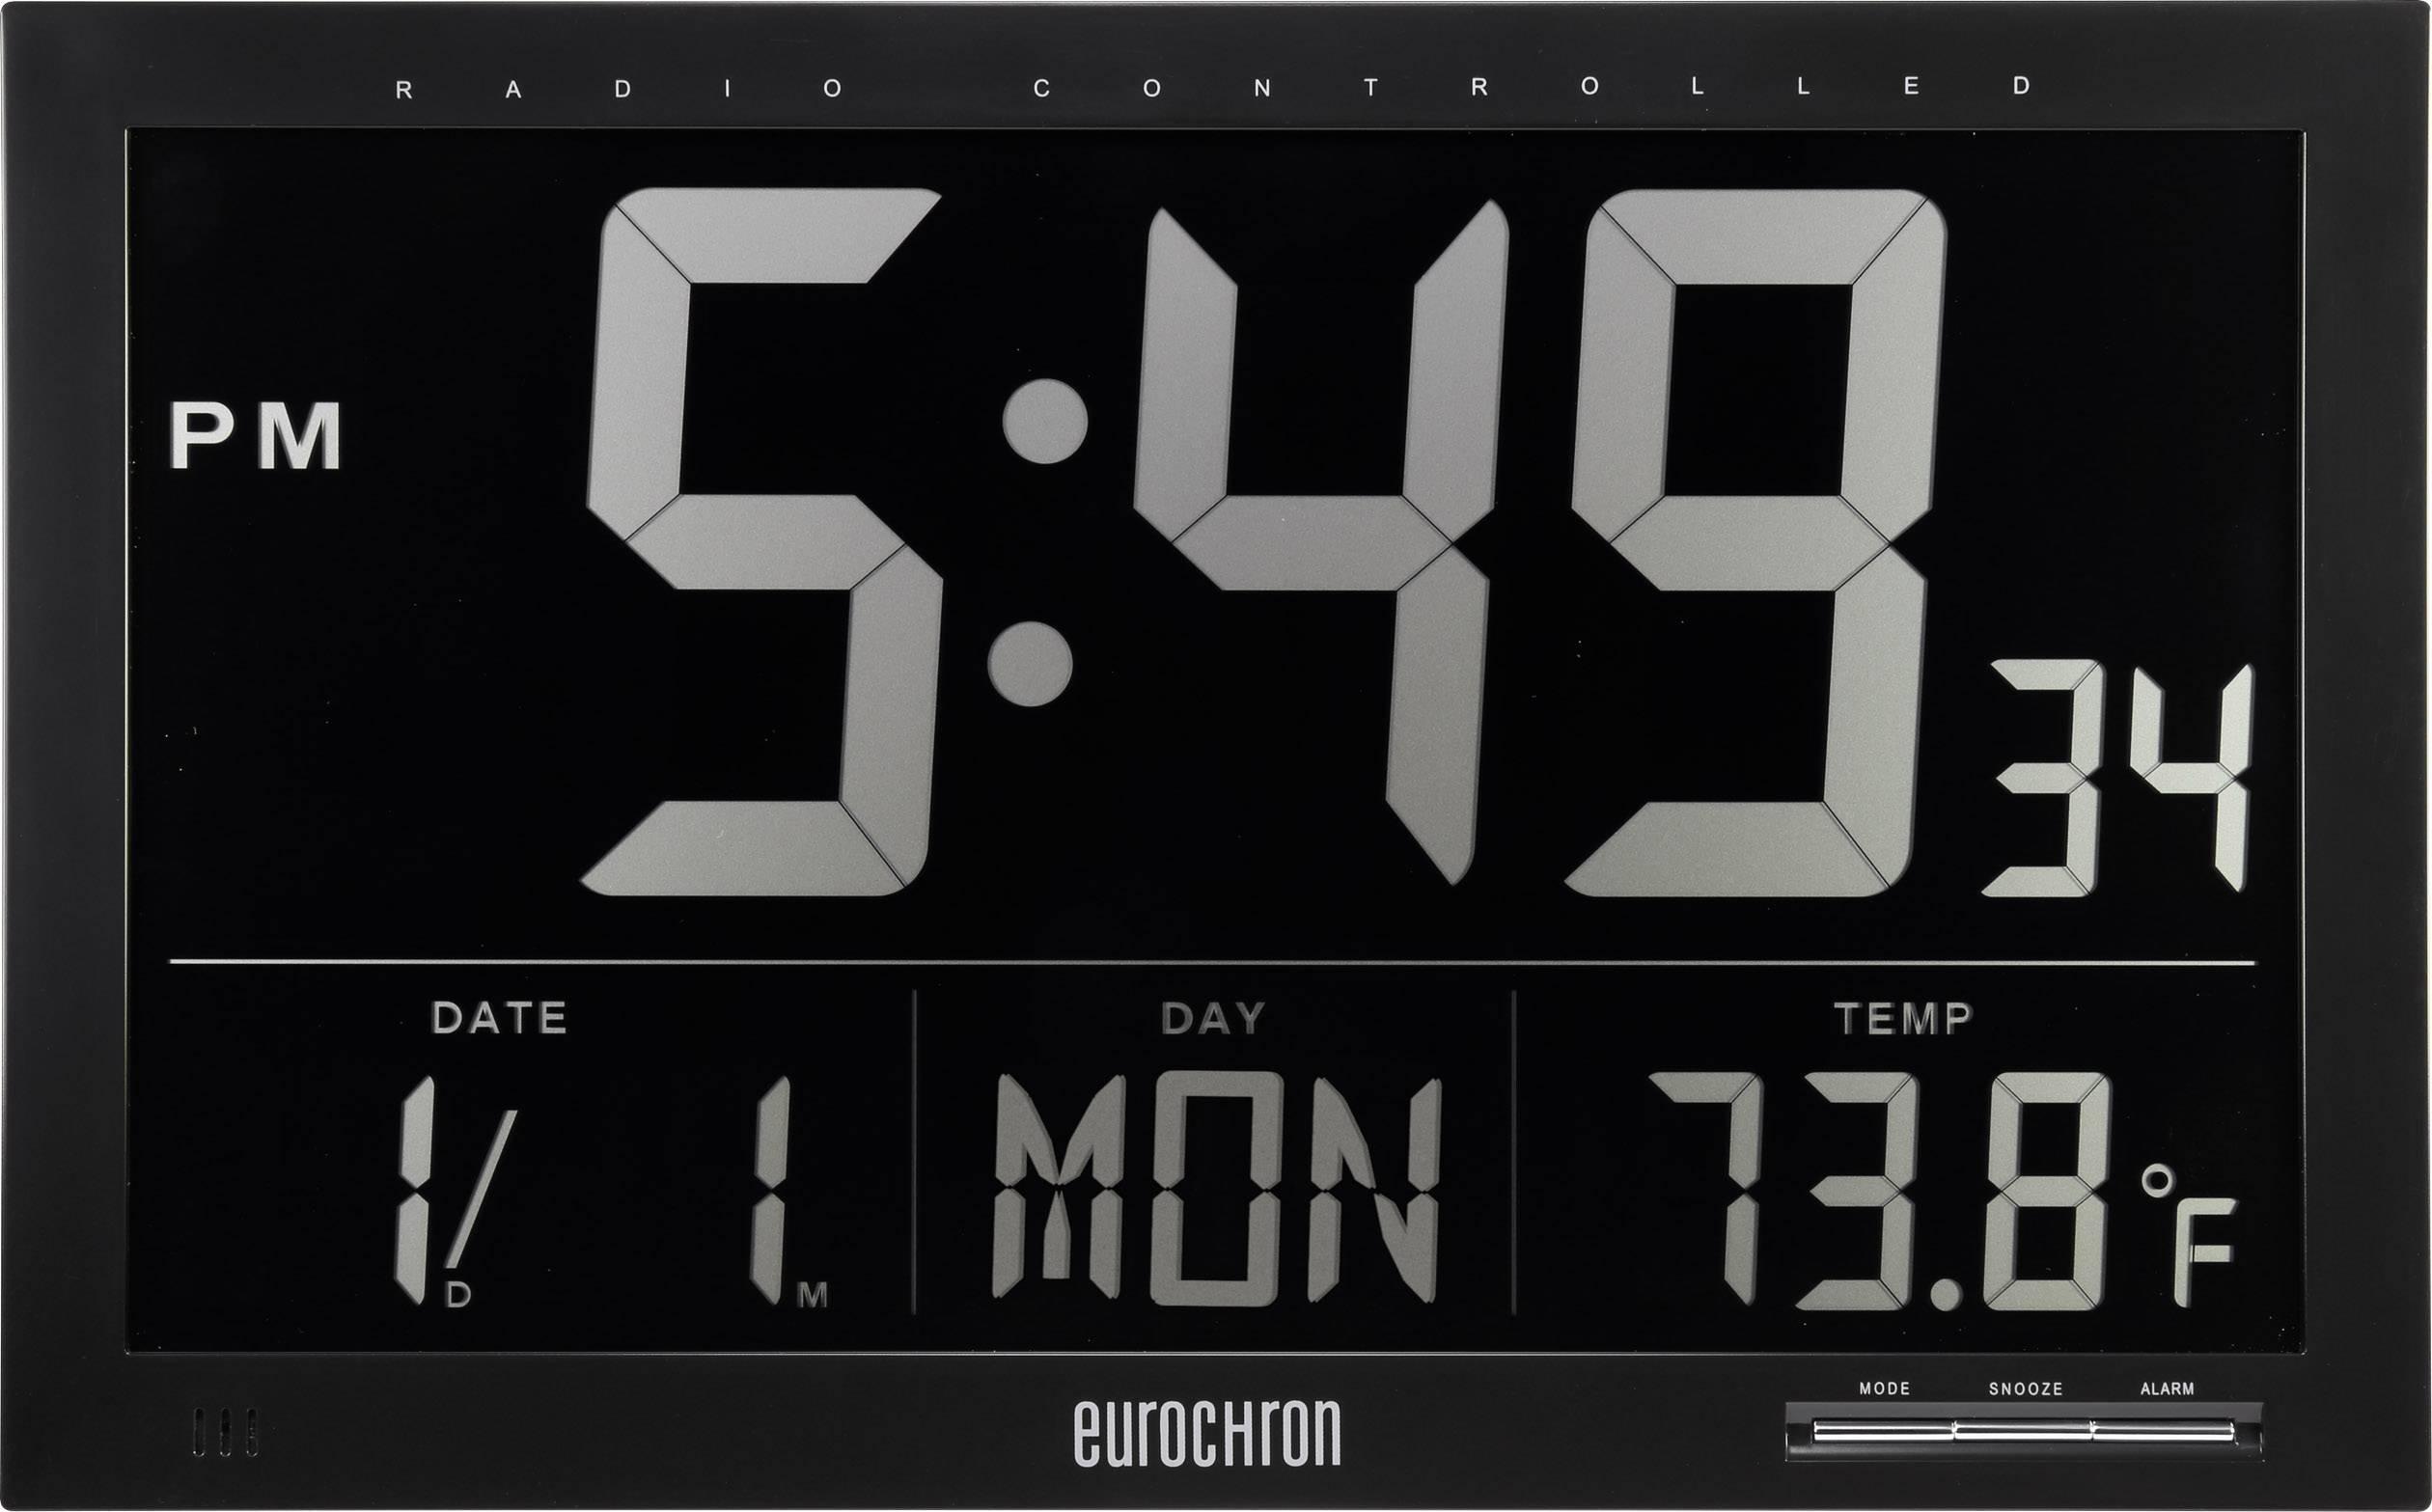 eurochron jumbo  Eurochron EFWU Jumbo 101 Radio Wall clock 370 mm x 230 mm x 30 ...